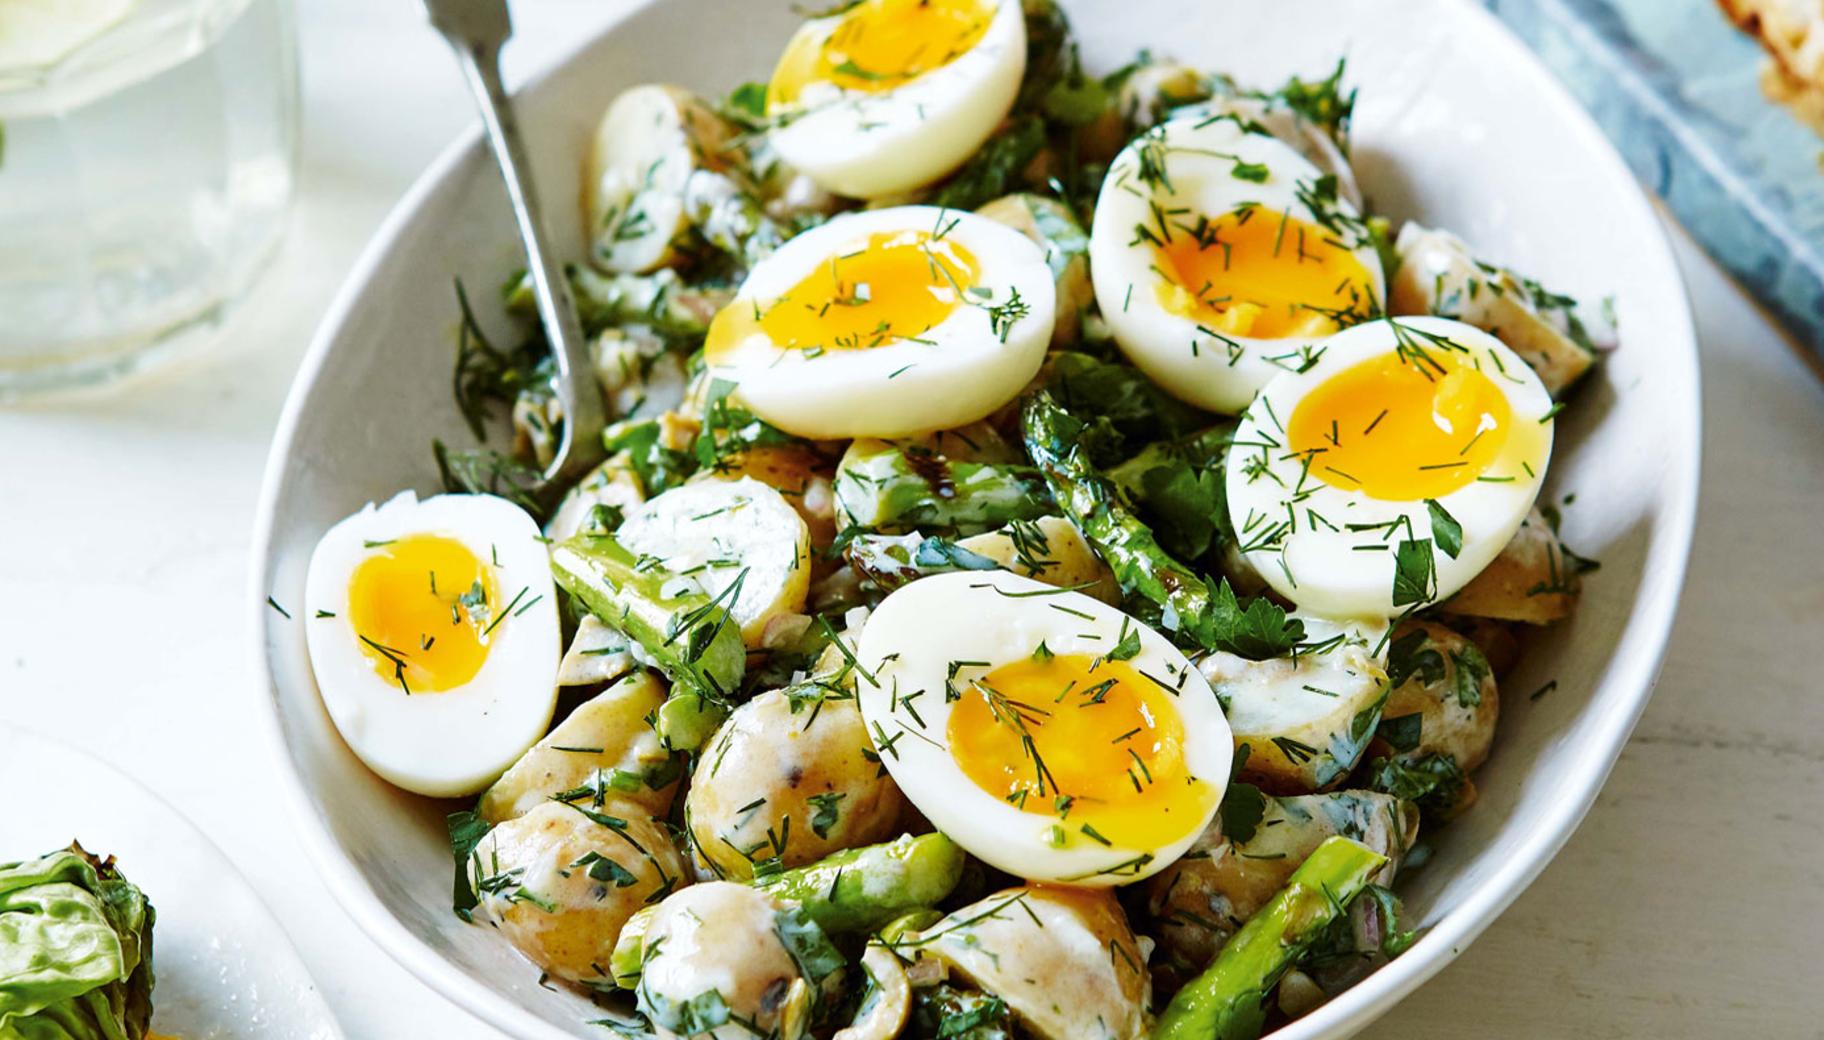 Recetas de cenas ligeras y saludables